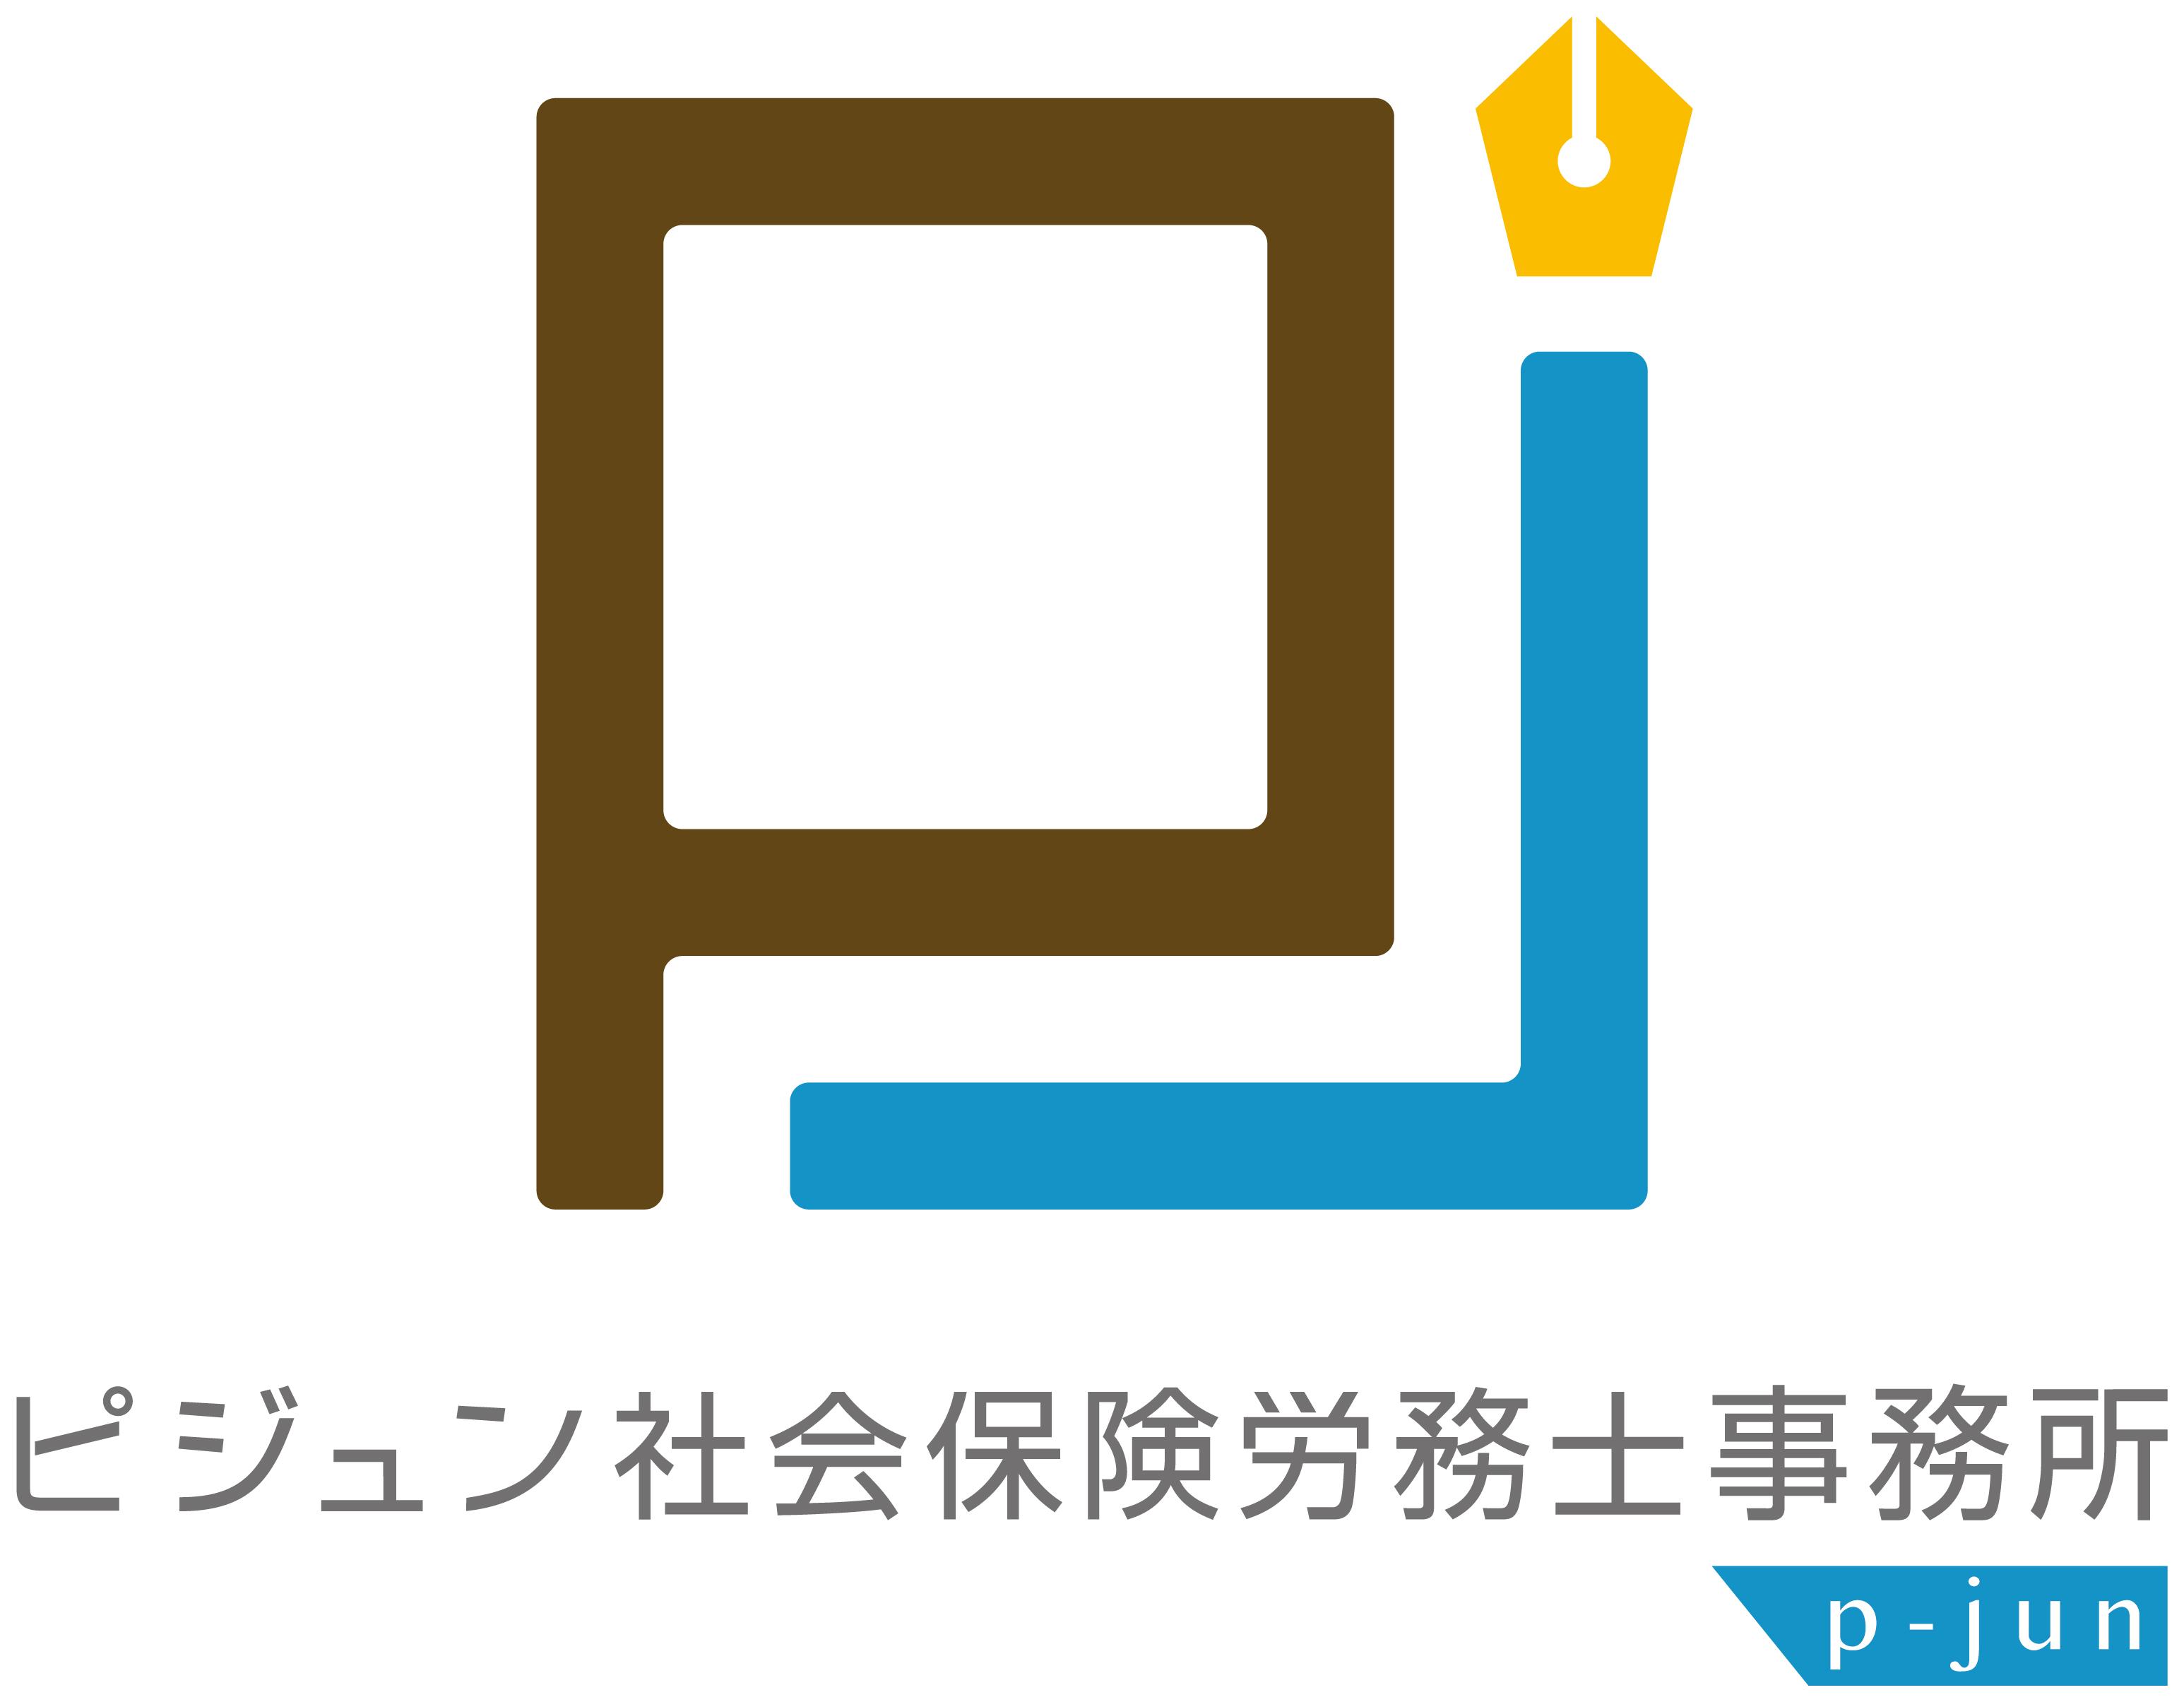 ピジュン社労士事務所